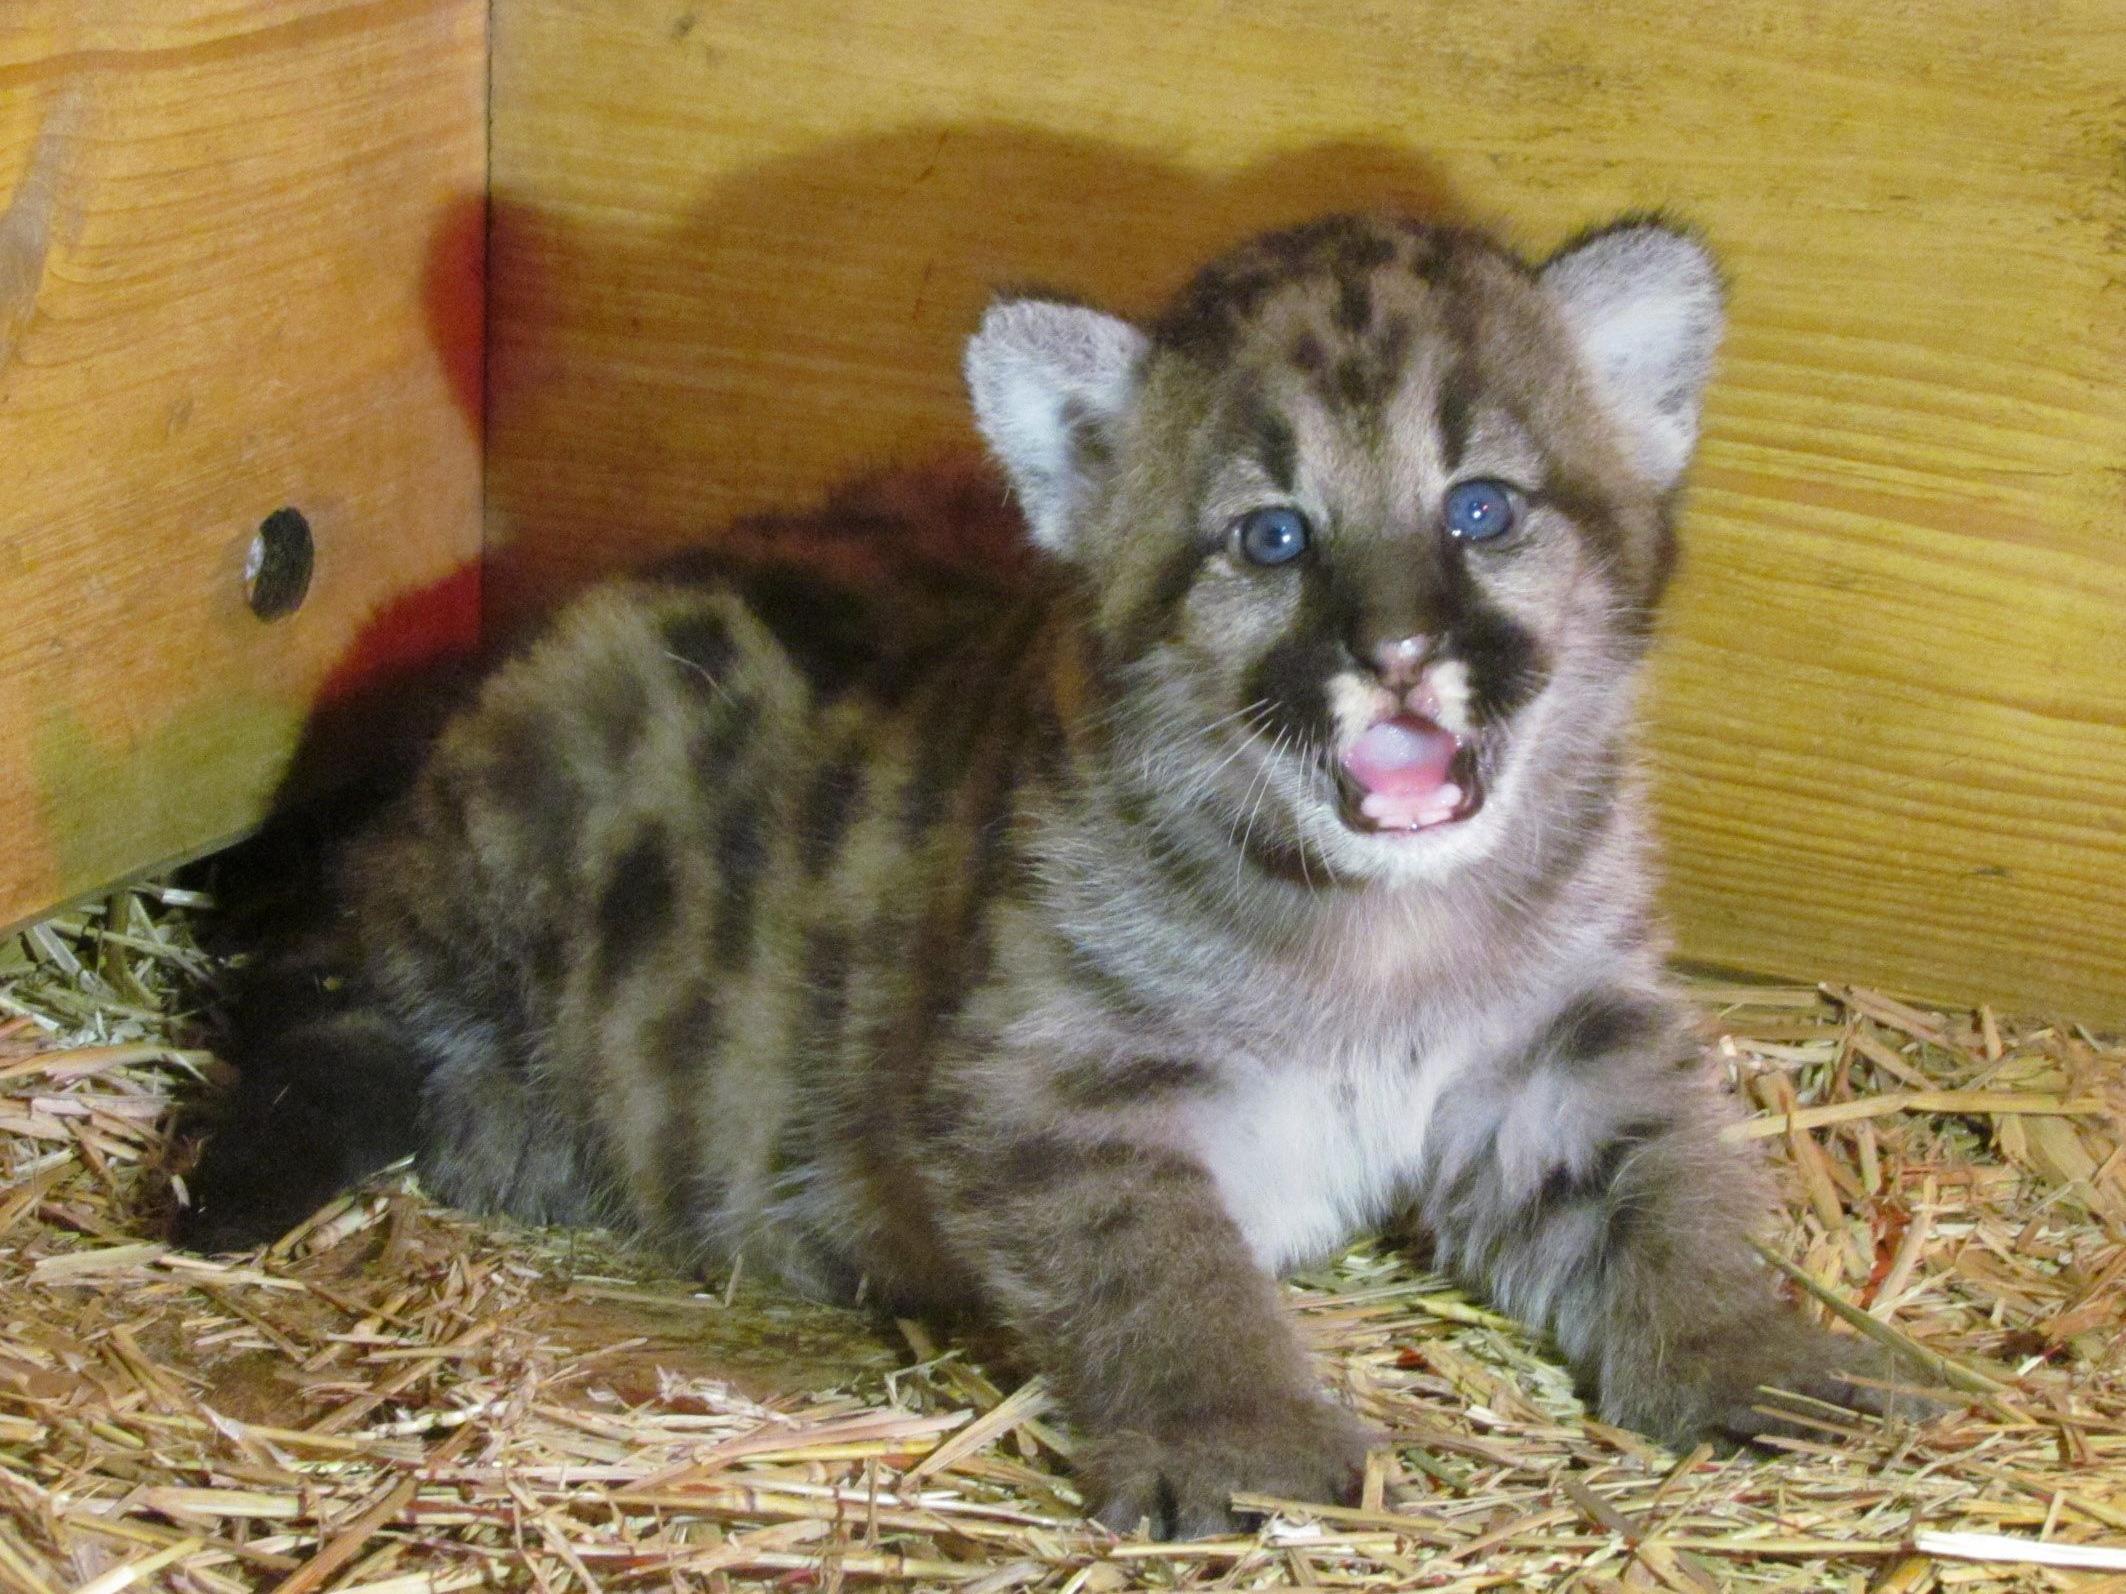 Neben dem entzückenden Puma-Mädchen kann man im Salzburger Zoo momentan auch Fischotter- und Steinbock-Nachwuchs beobachten.